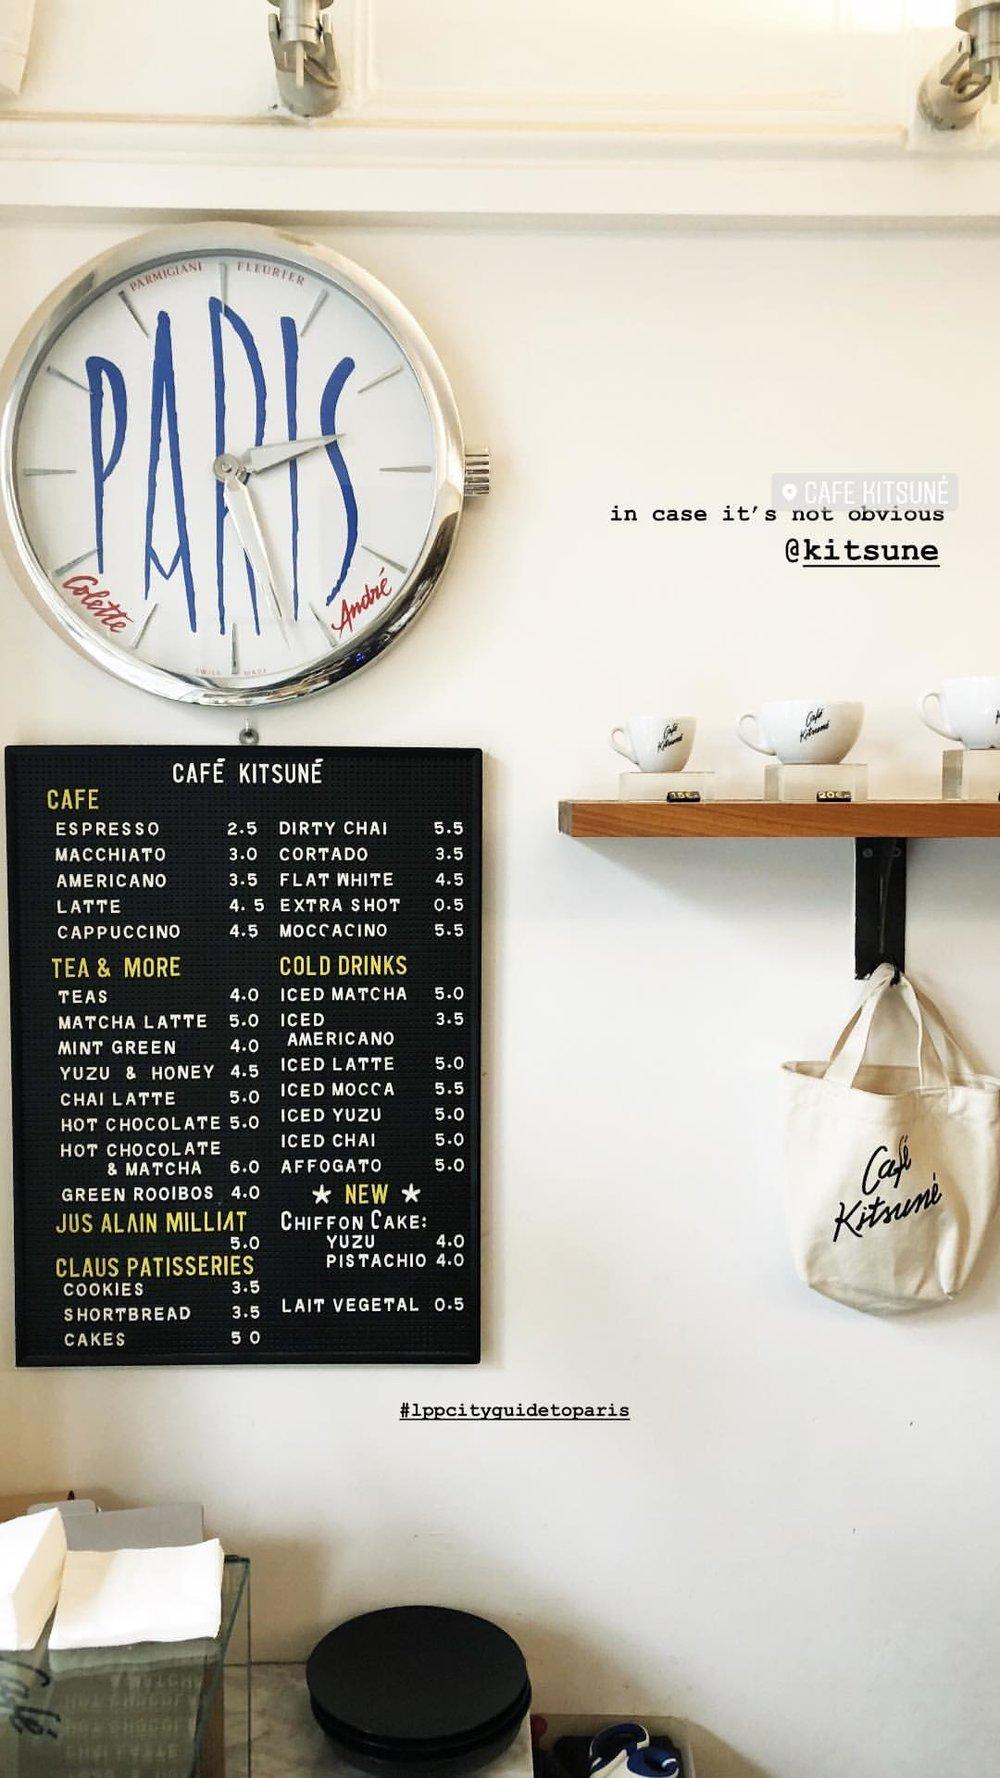 PARIS-kitsune-1.jpg